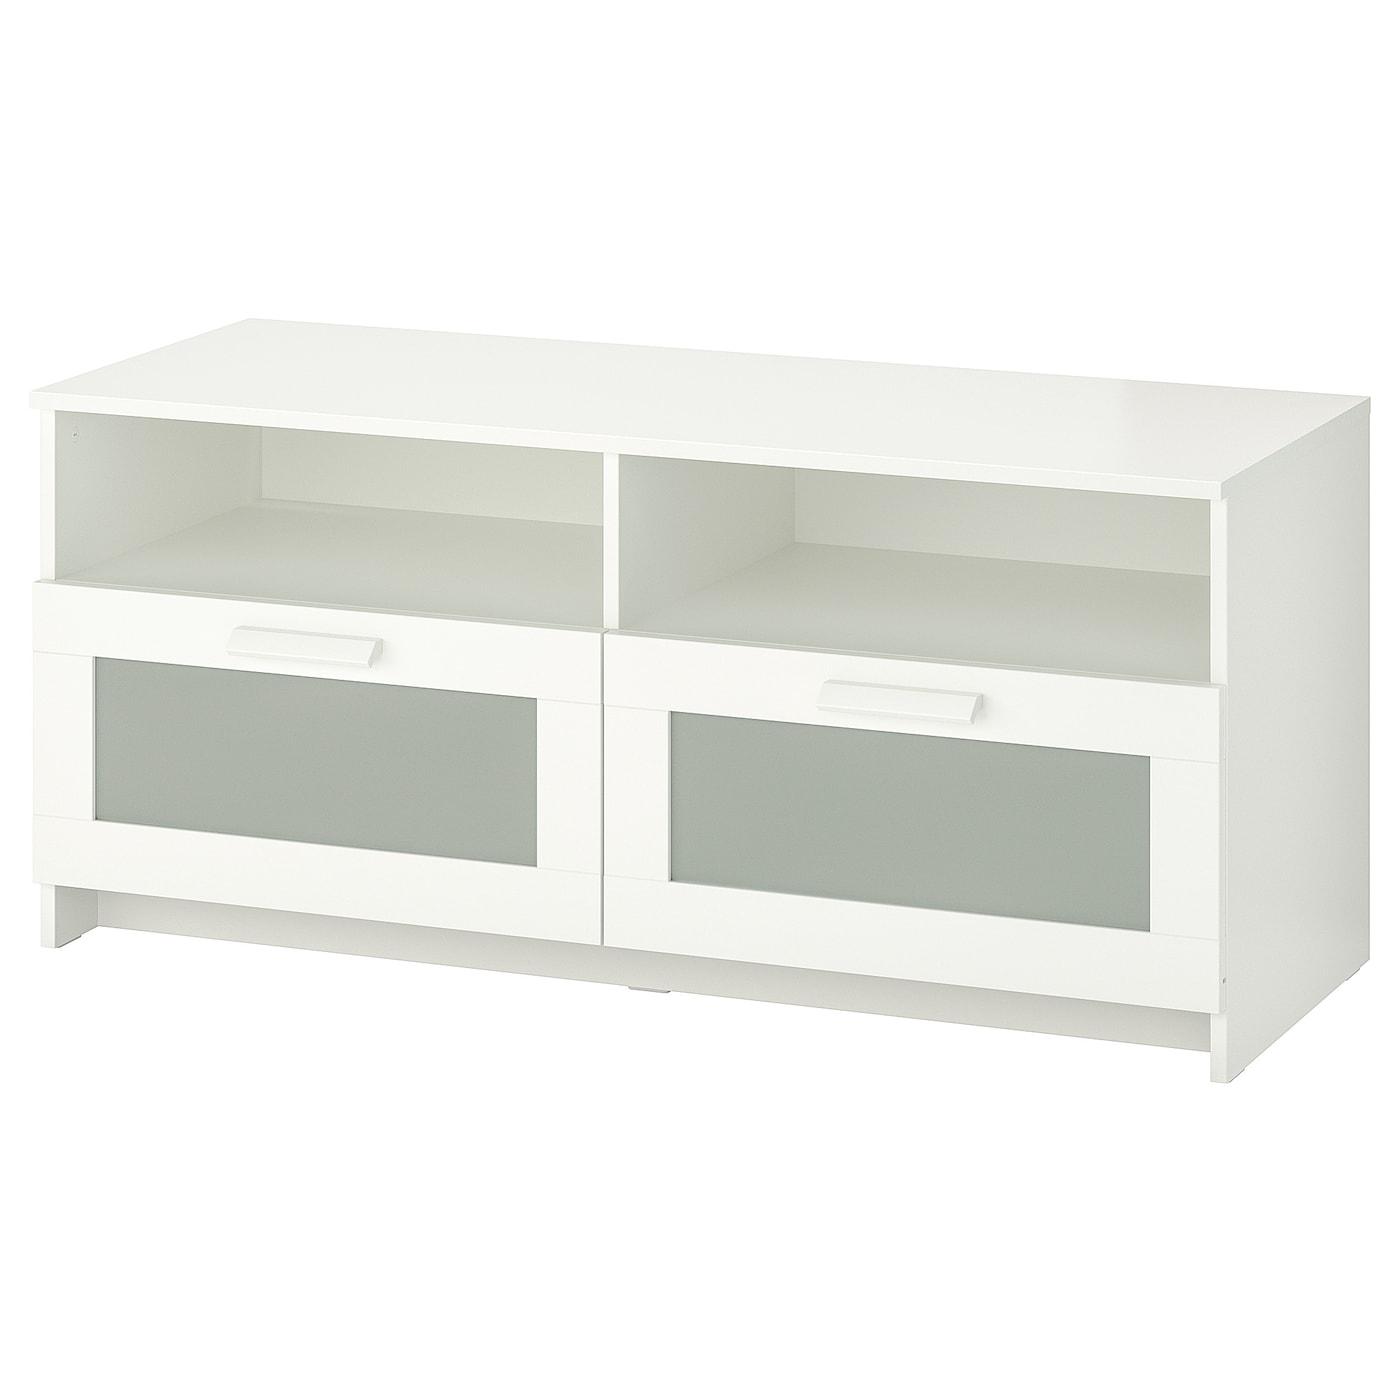 Mosjø TV Benk fra IKEA | FINN.no